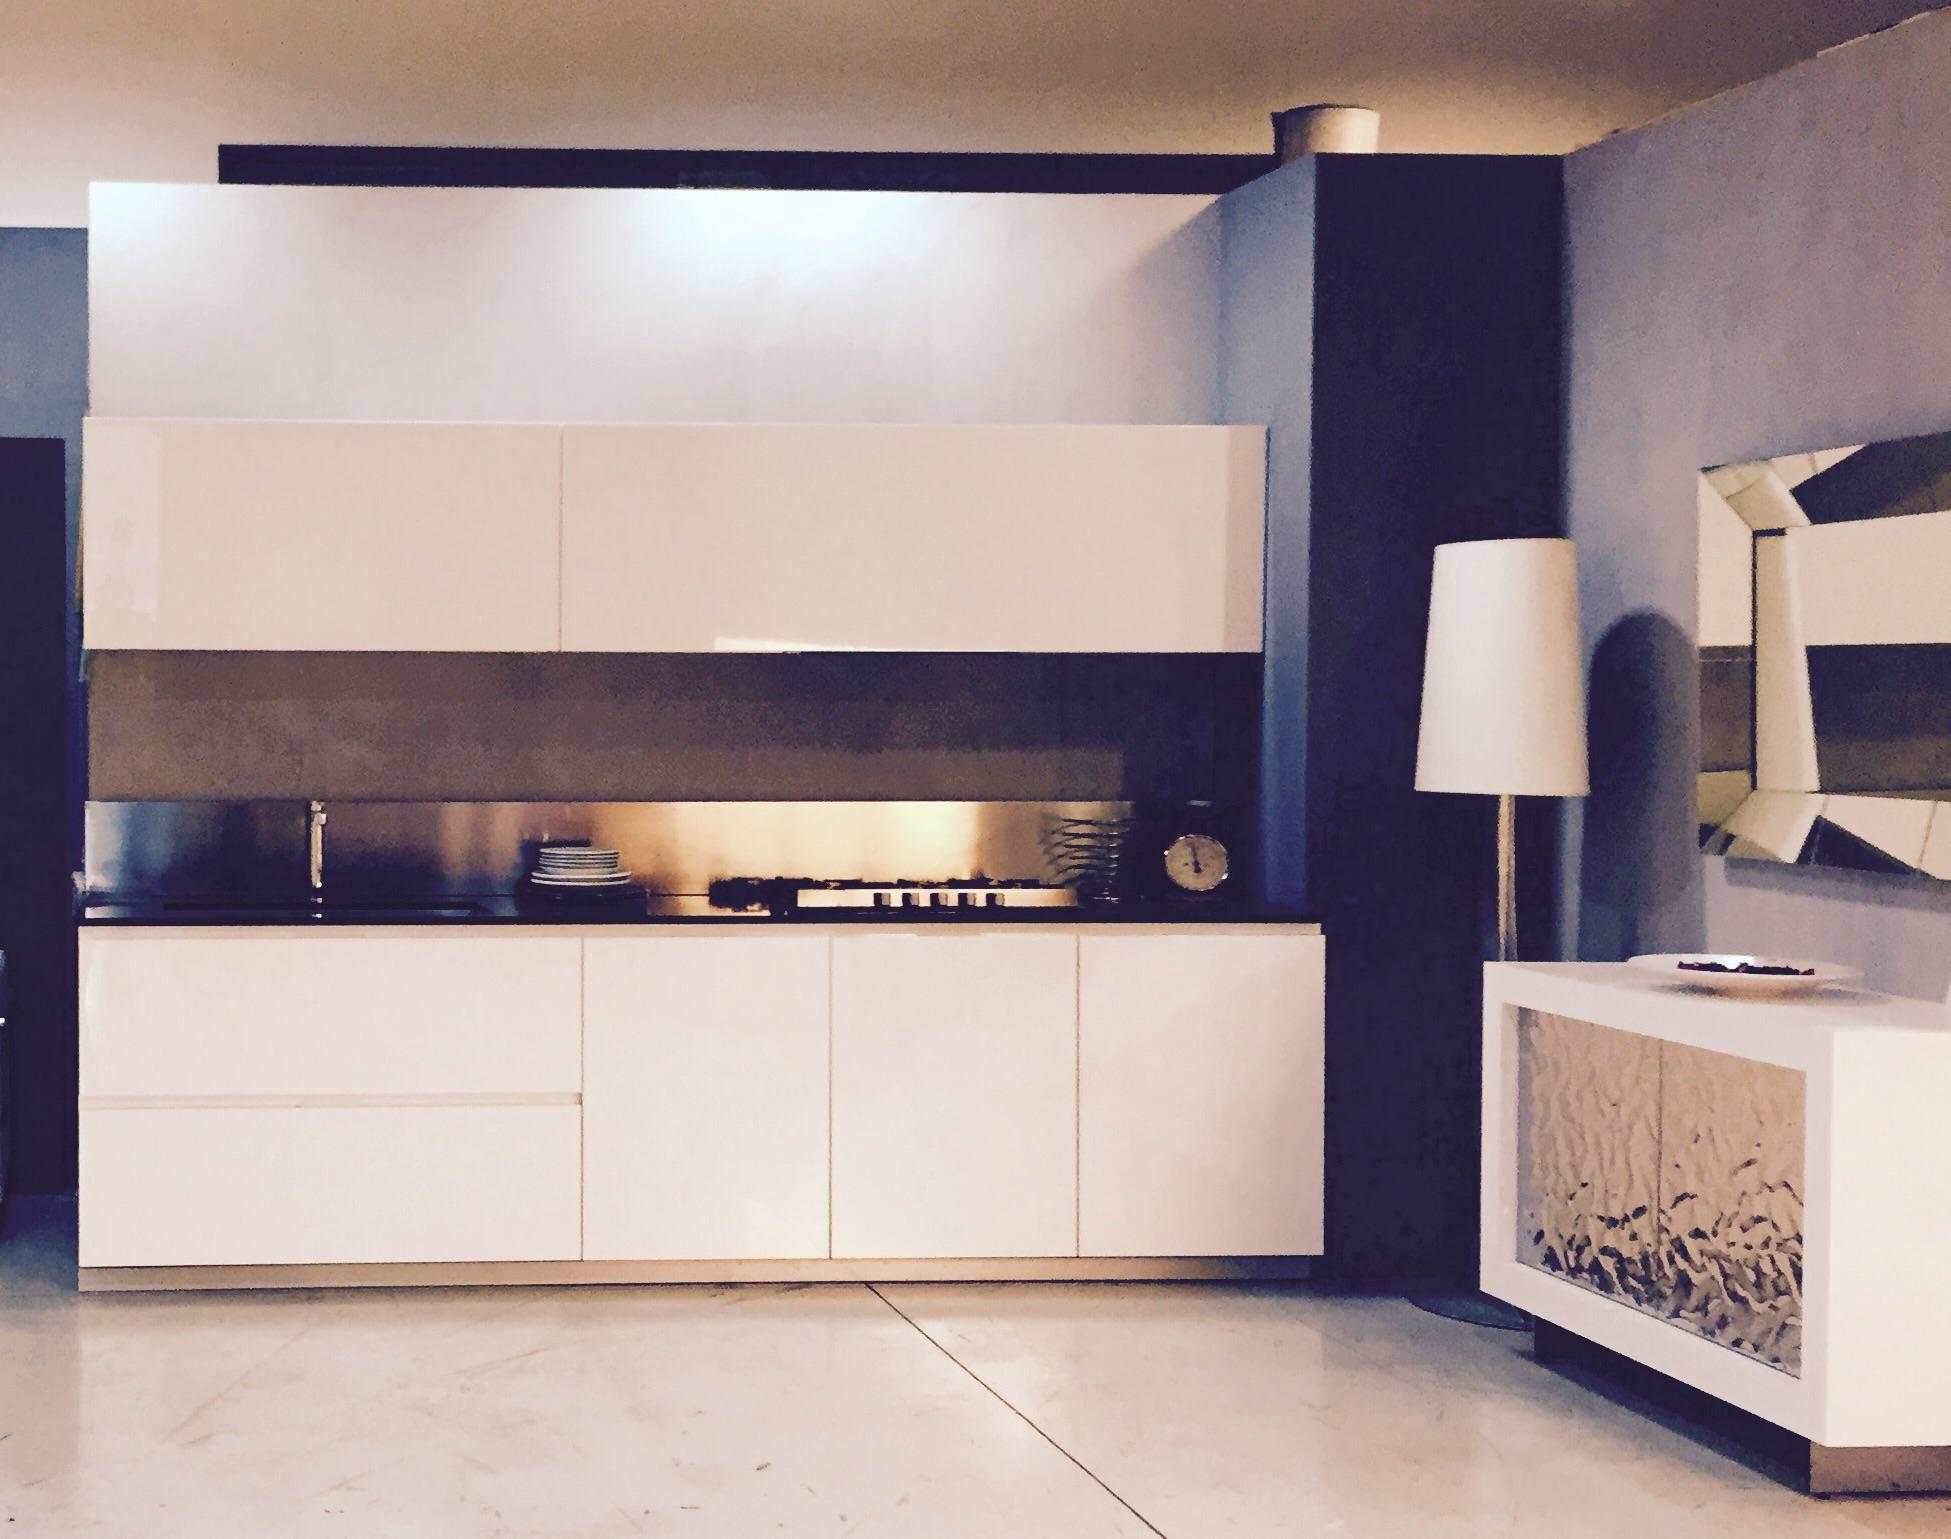 Cucina Modulnova Sp.29 Design Laccato Lucido Bianca - Cucine a ...